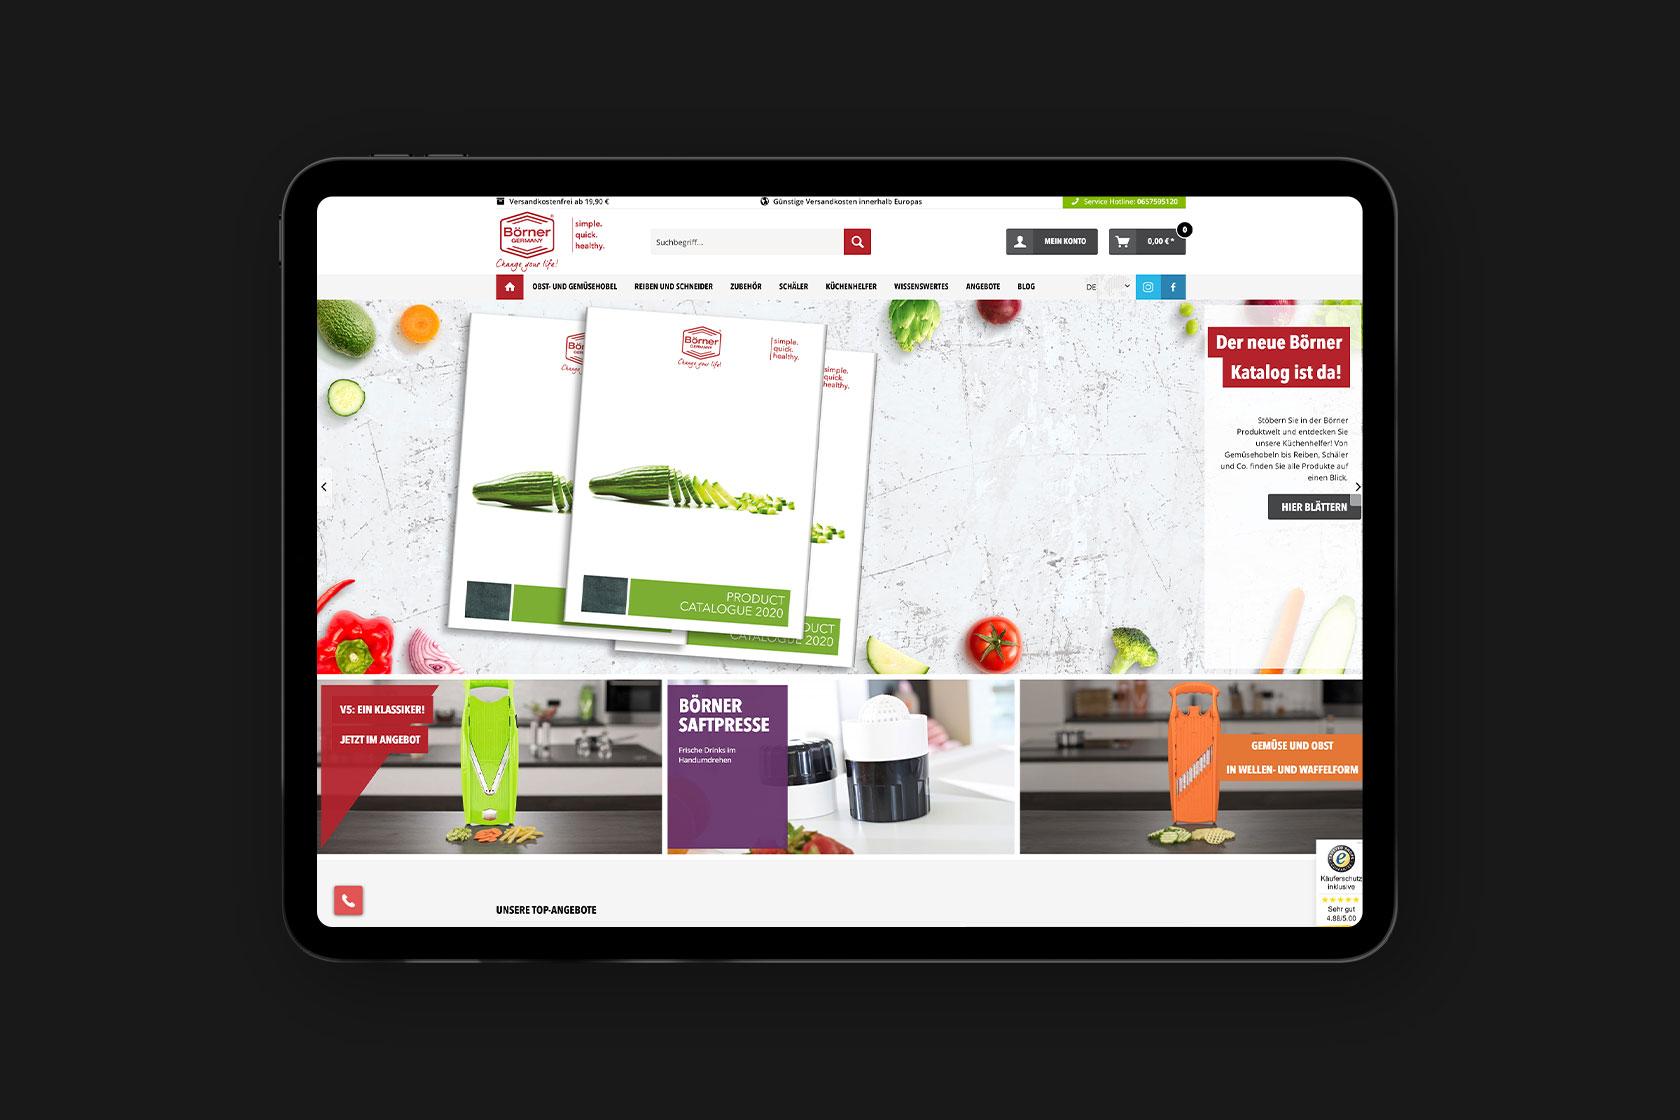 Webdesign für Börner Distribution International GmbH aus Landscheid-Niederkail